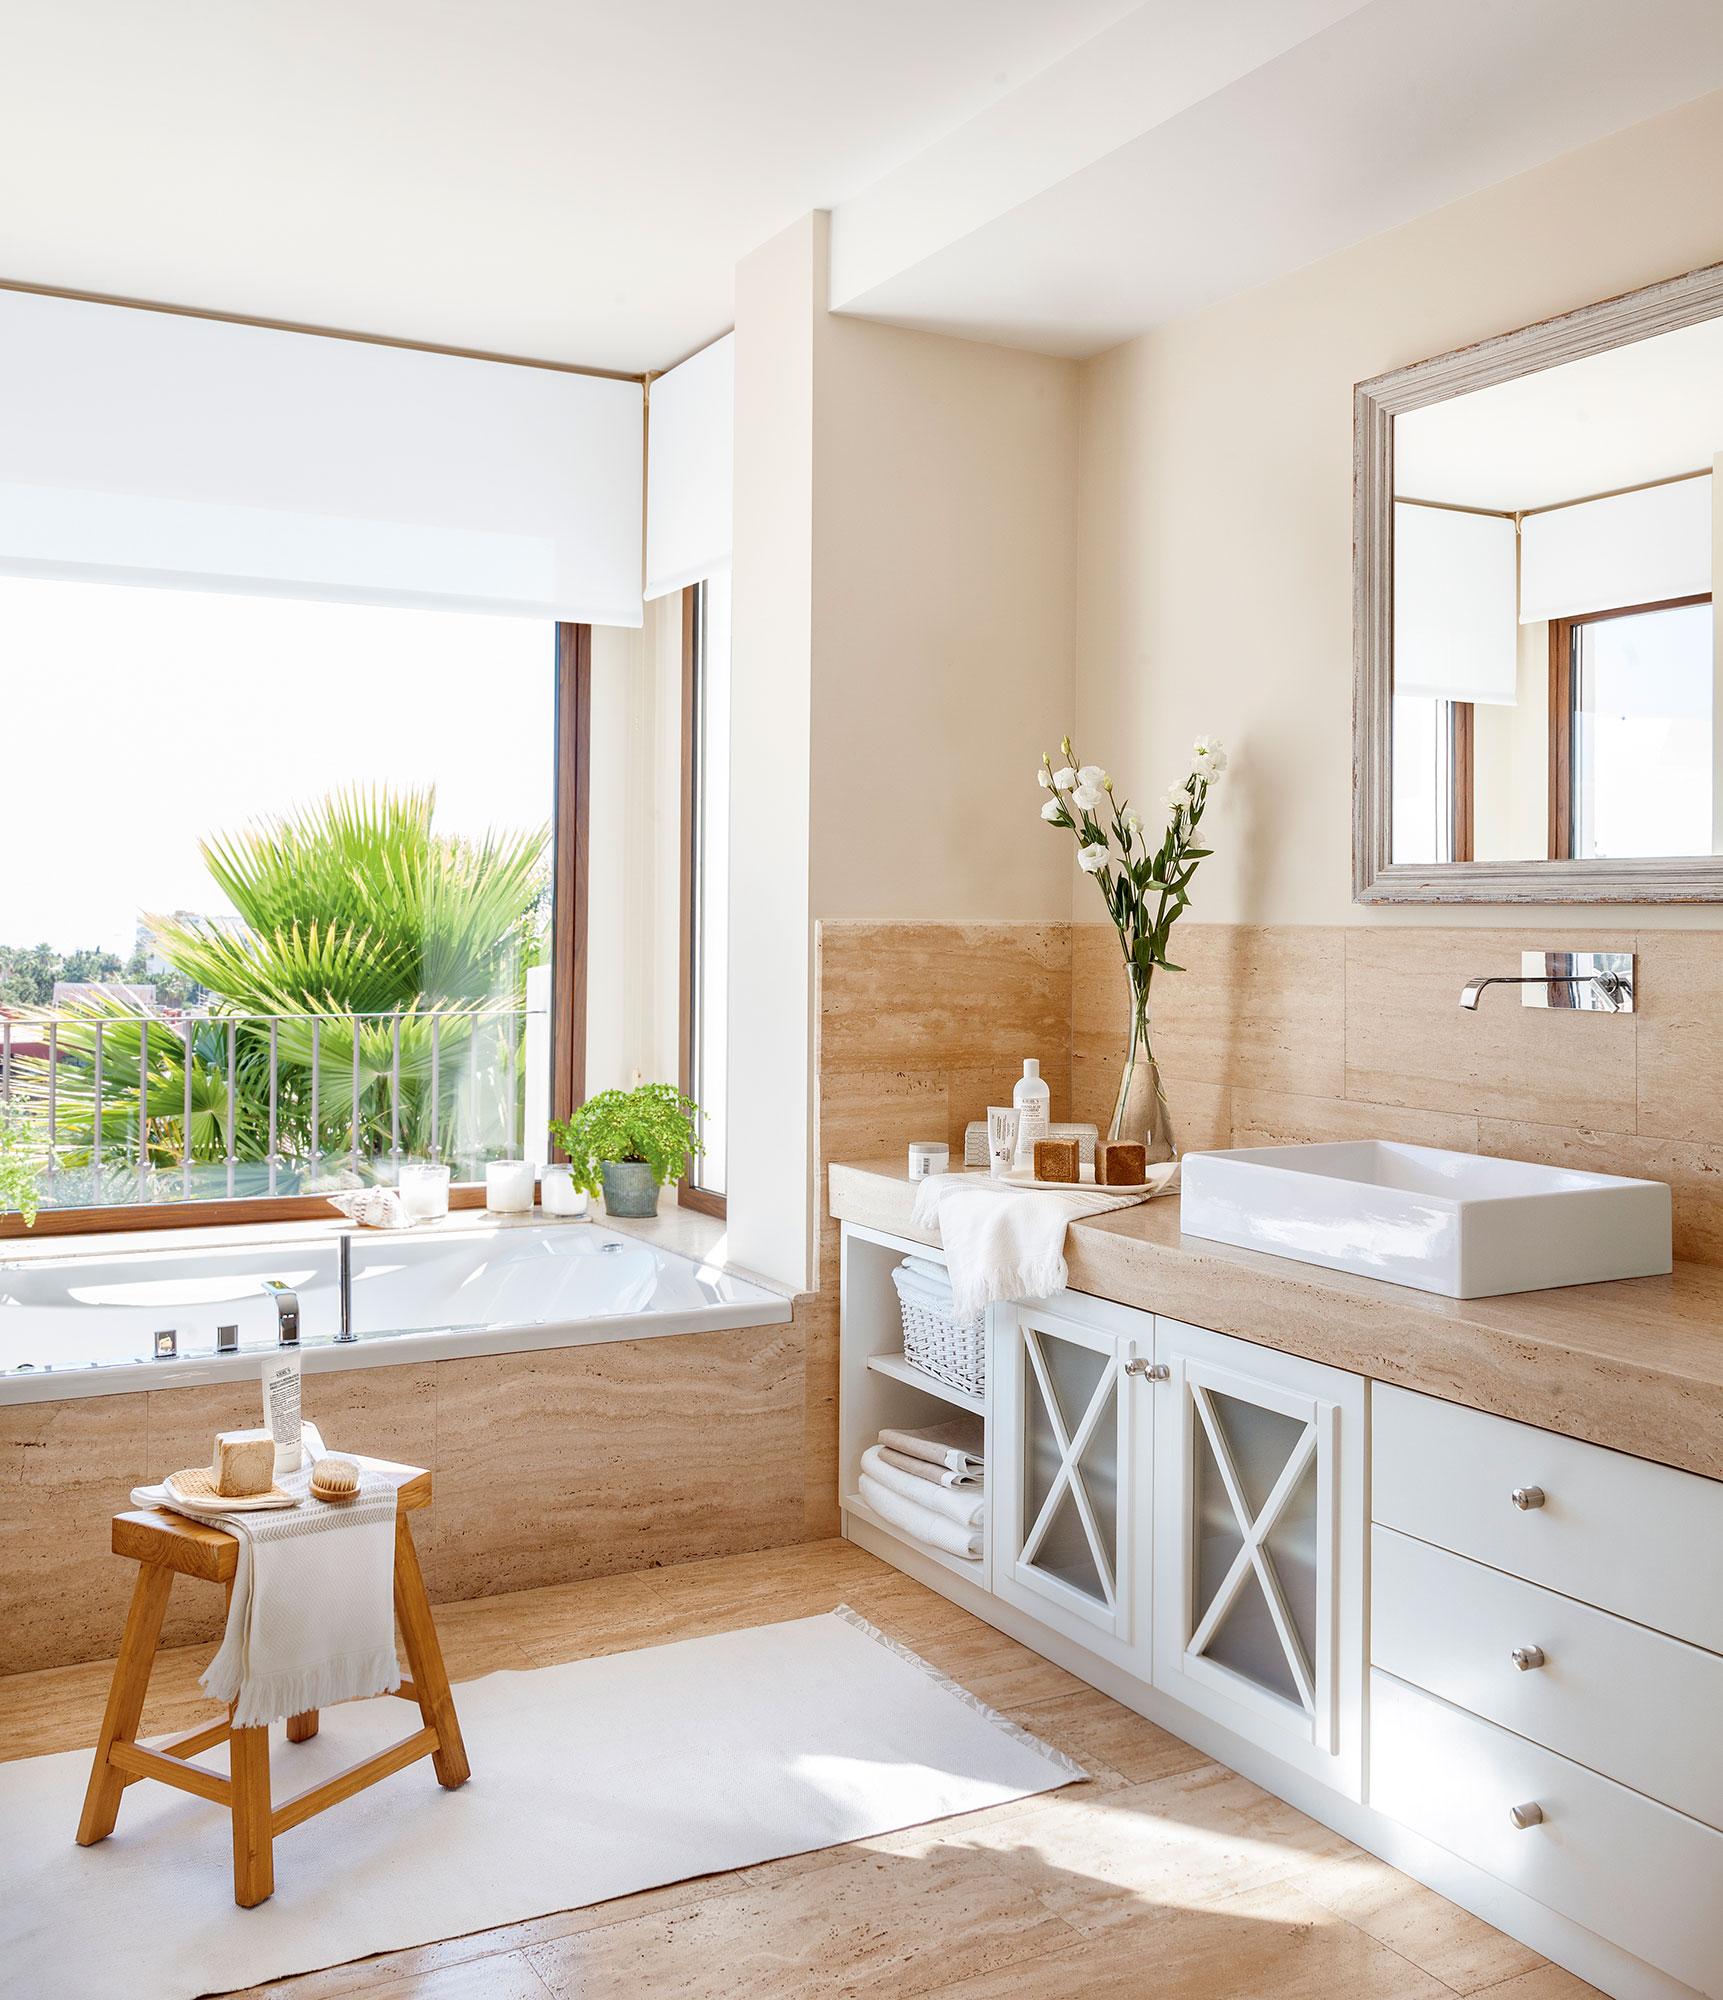 Ba Os Mamparas Muebles Espejos Todo Para La Decoraci N Elmueble ~ Ideas Para Reformar Cuarto De Baño Pequeño